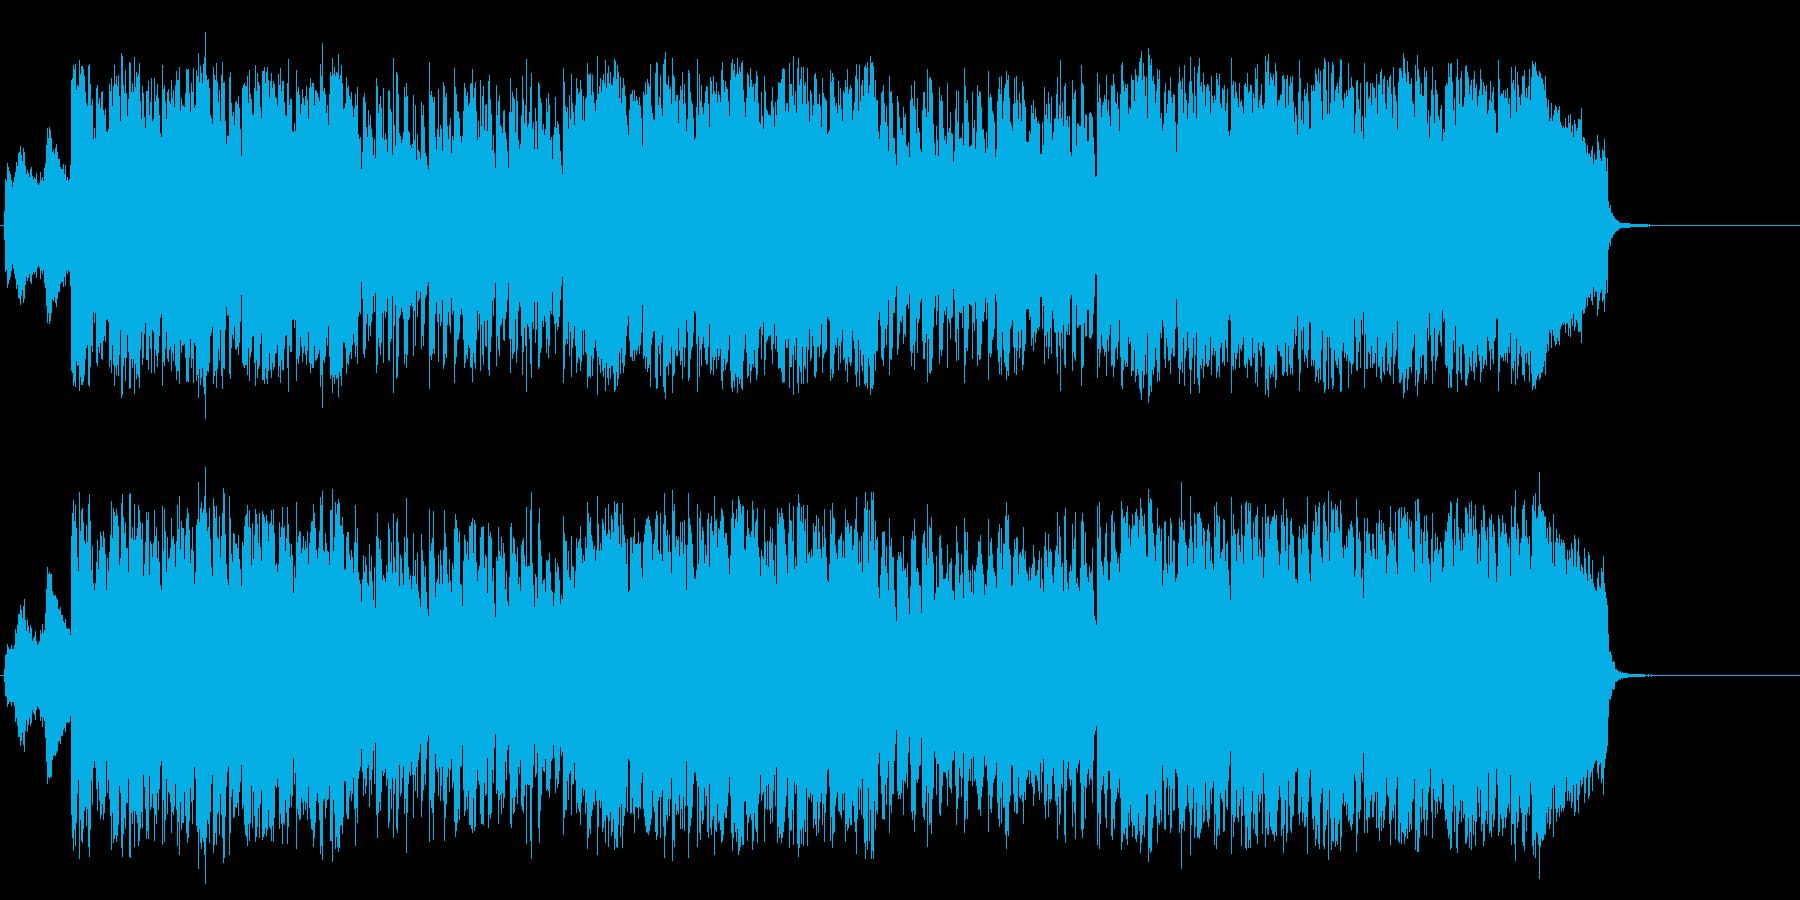 ビートにやる気がみなぎるファンキーポップの再生済みの波形